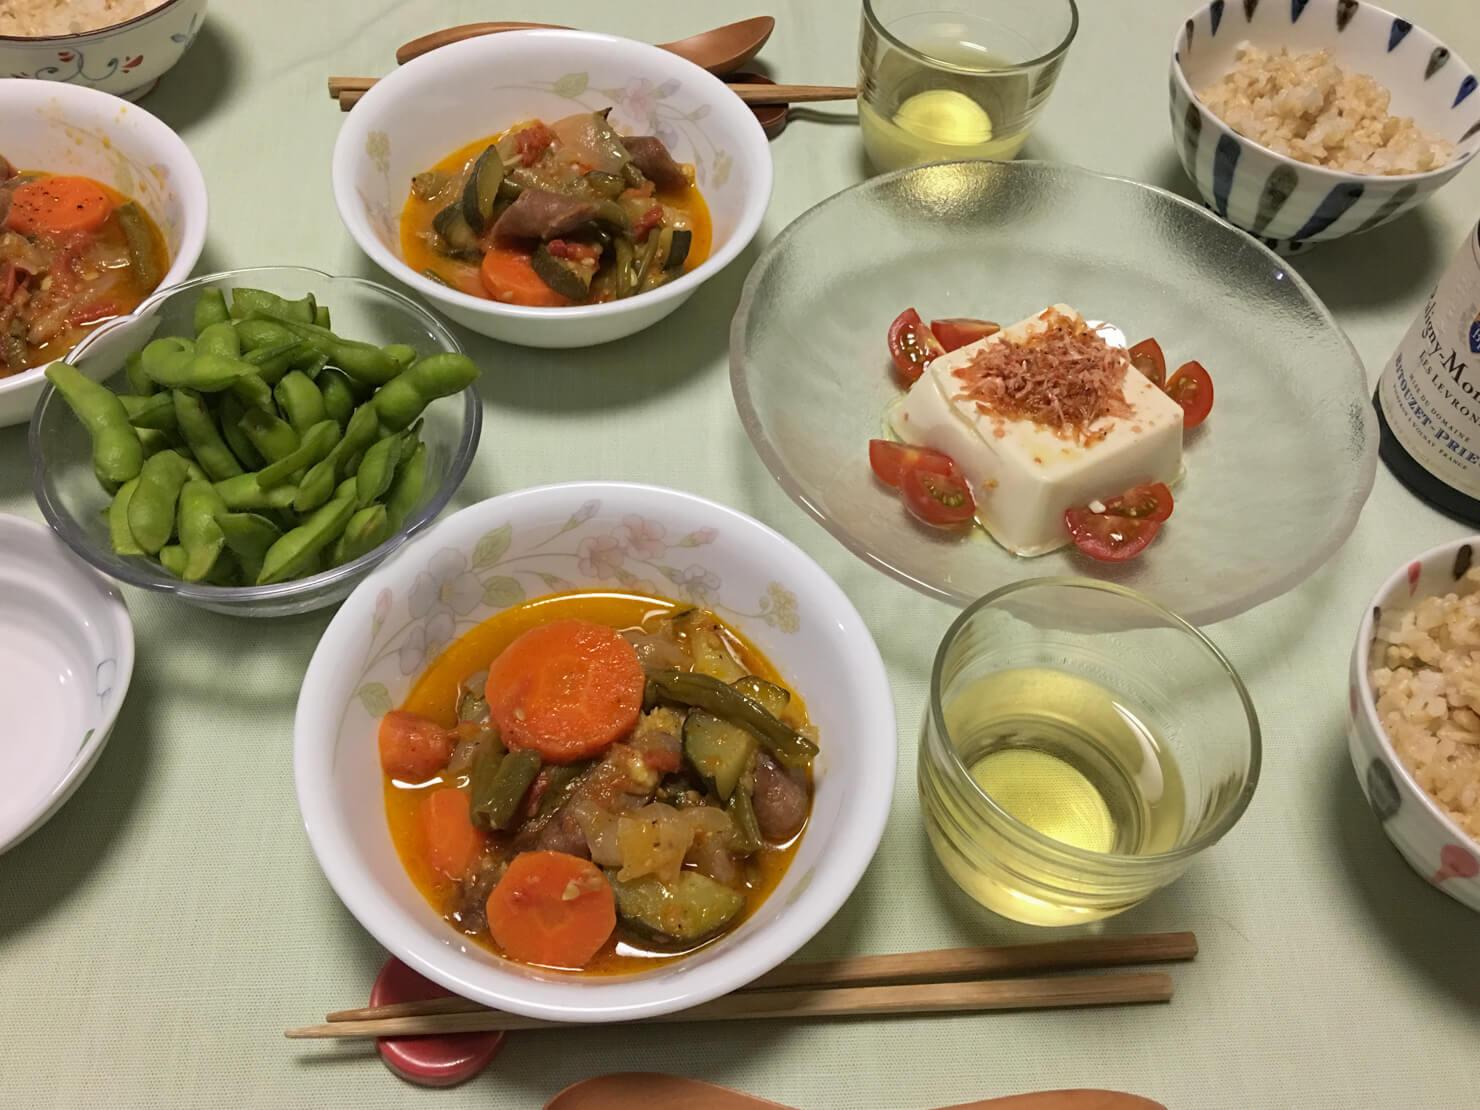 いんげんのトマト煮中心の晩御飯の写真